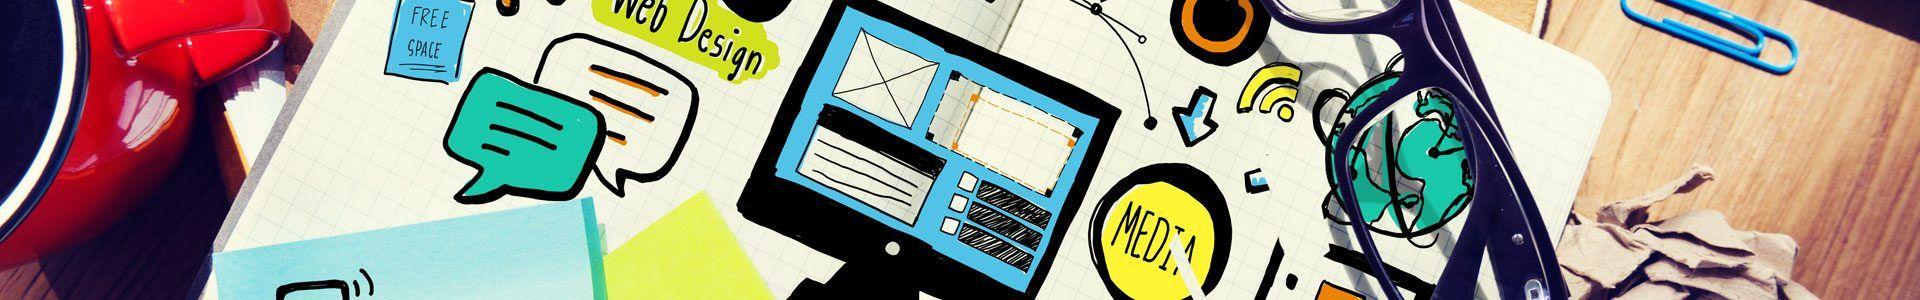 6 voordelen van contentmarketing INFOGRAPHIC